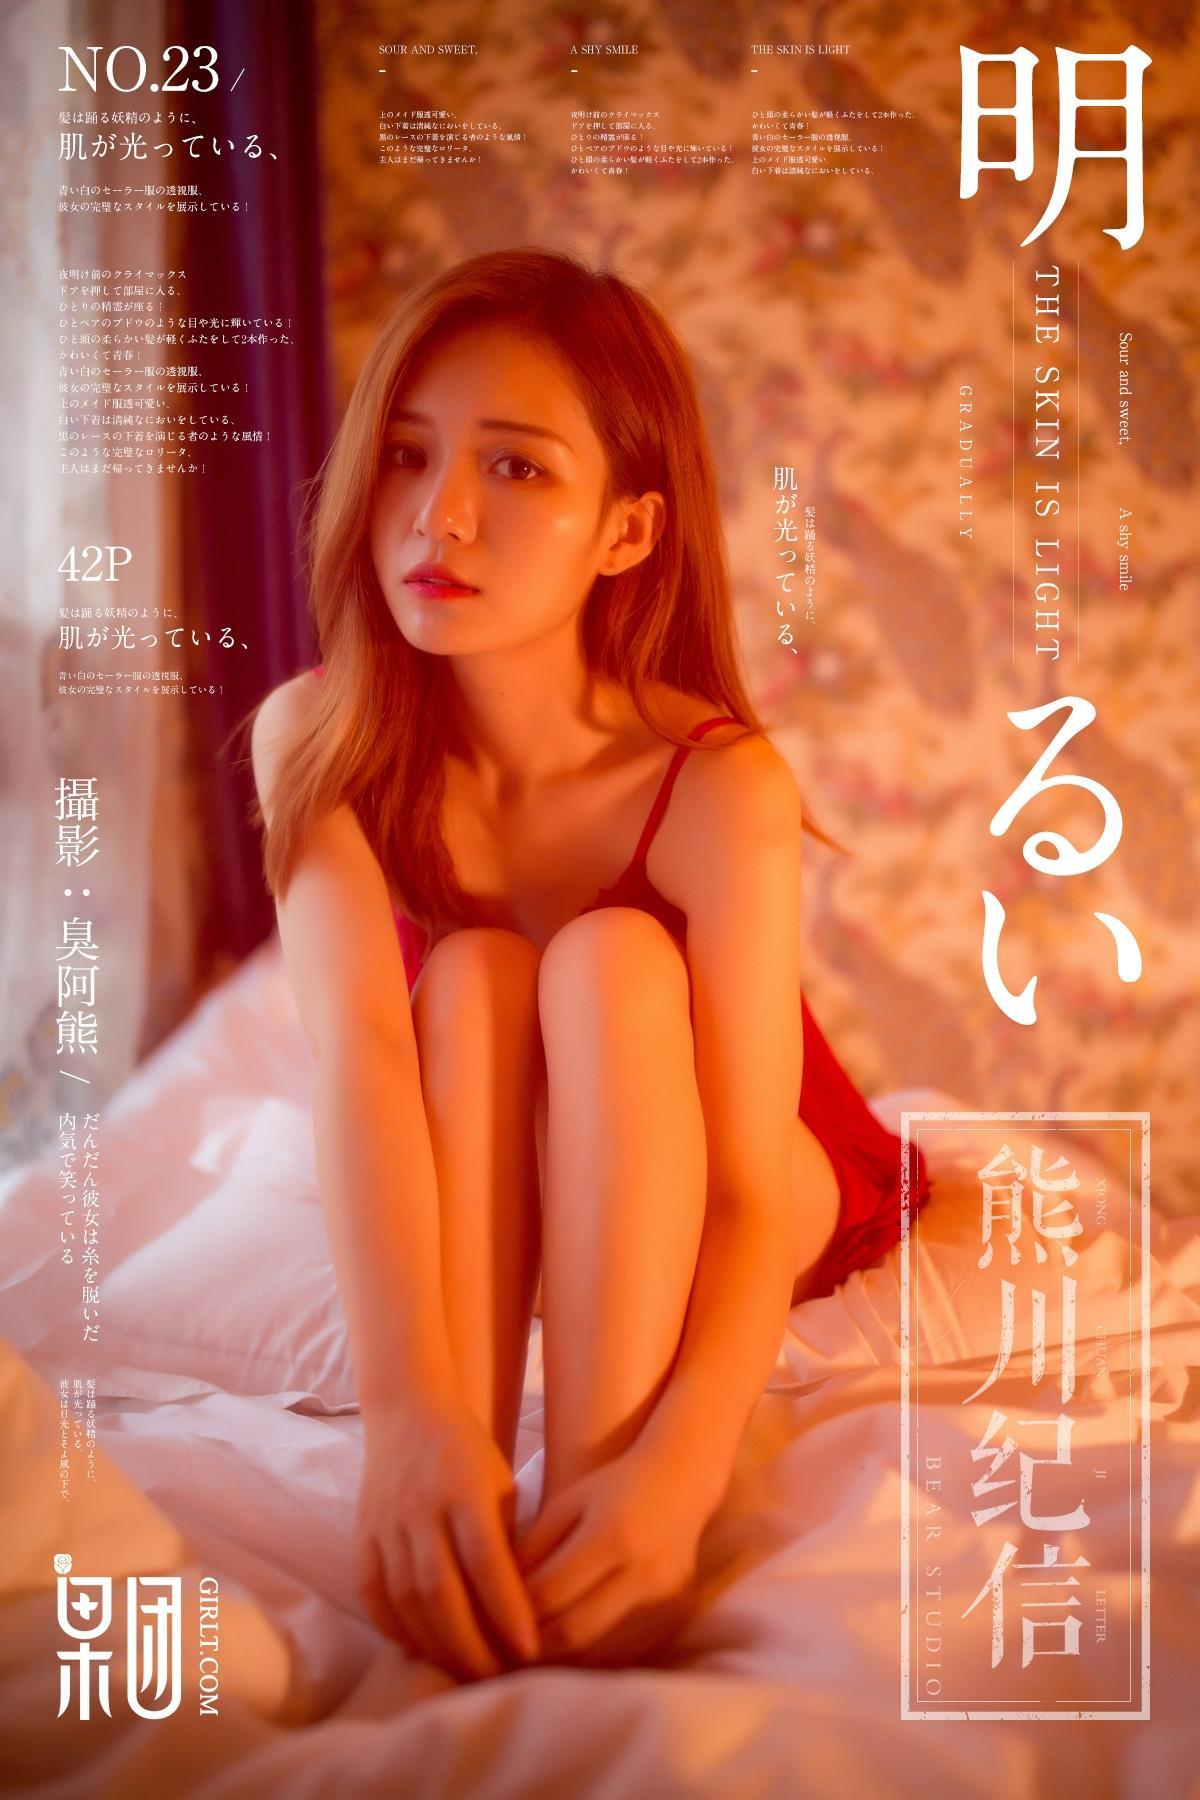 [Girlt果团网]XCJX20180210NO0023 红色蕾丝吊带睡衣美女性感私房写真集